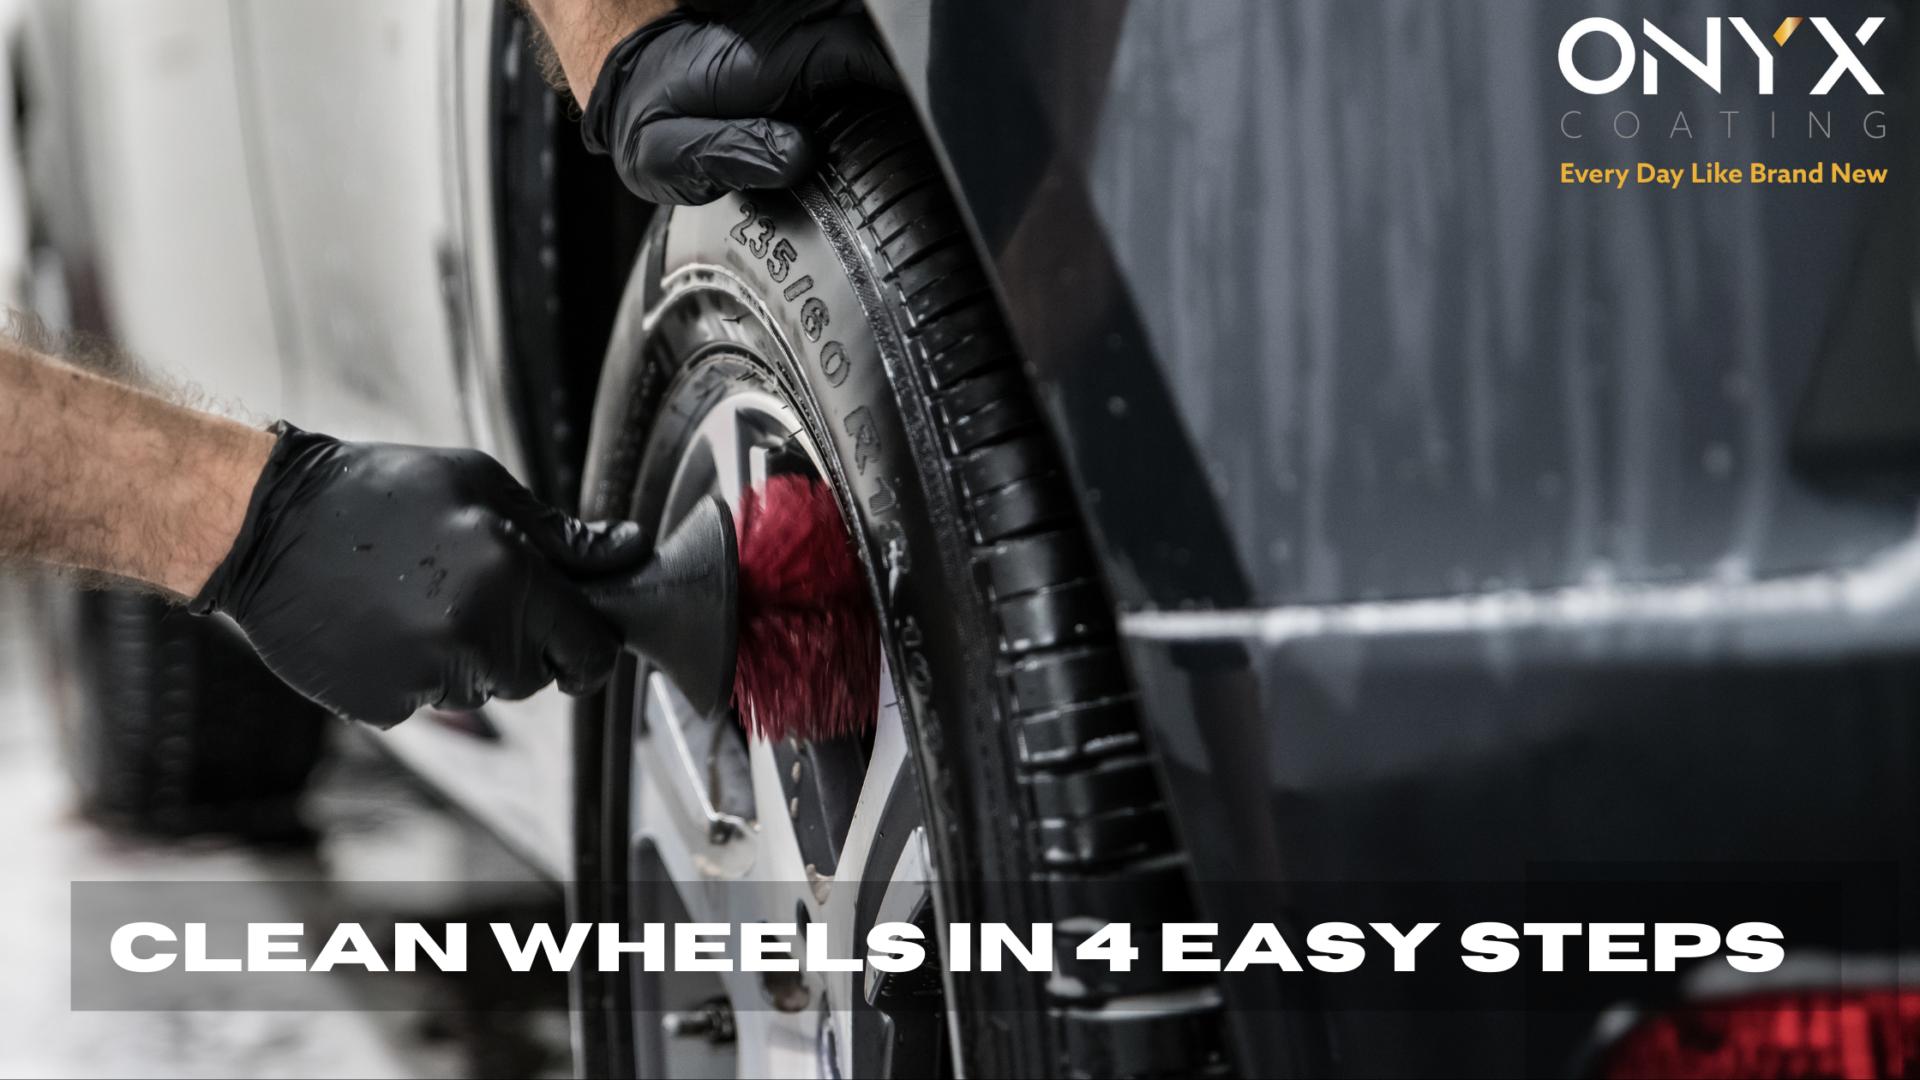 Clean wheels in 4 easy steps (2)